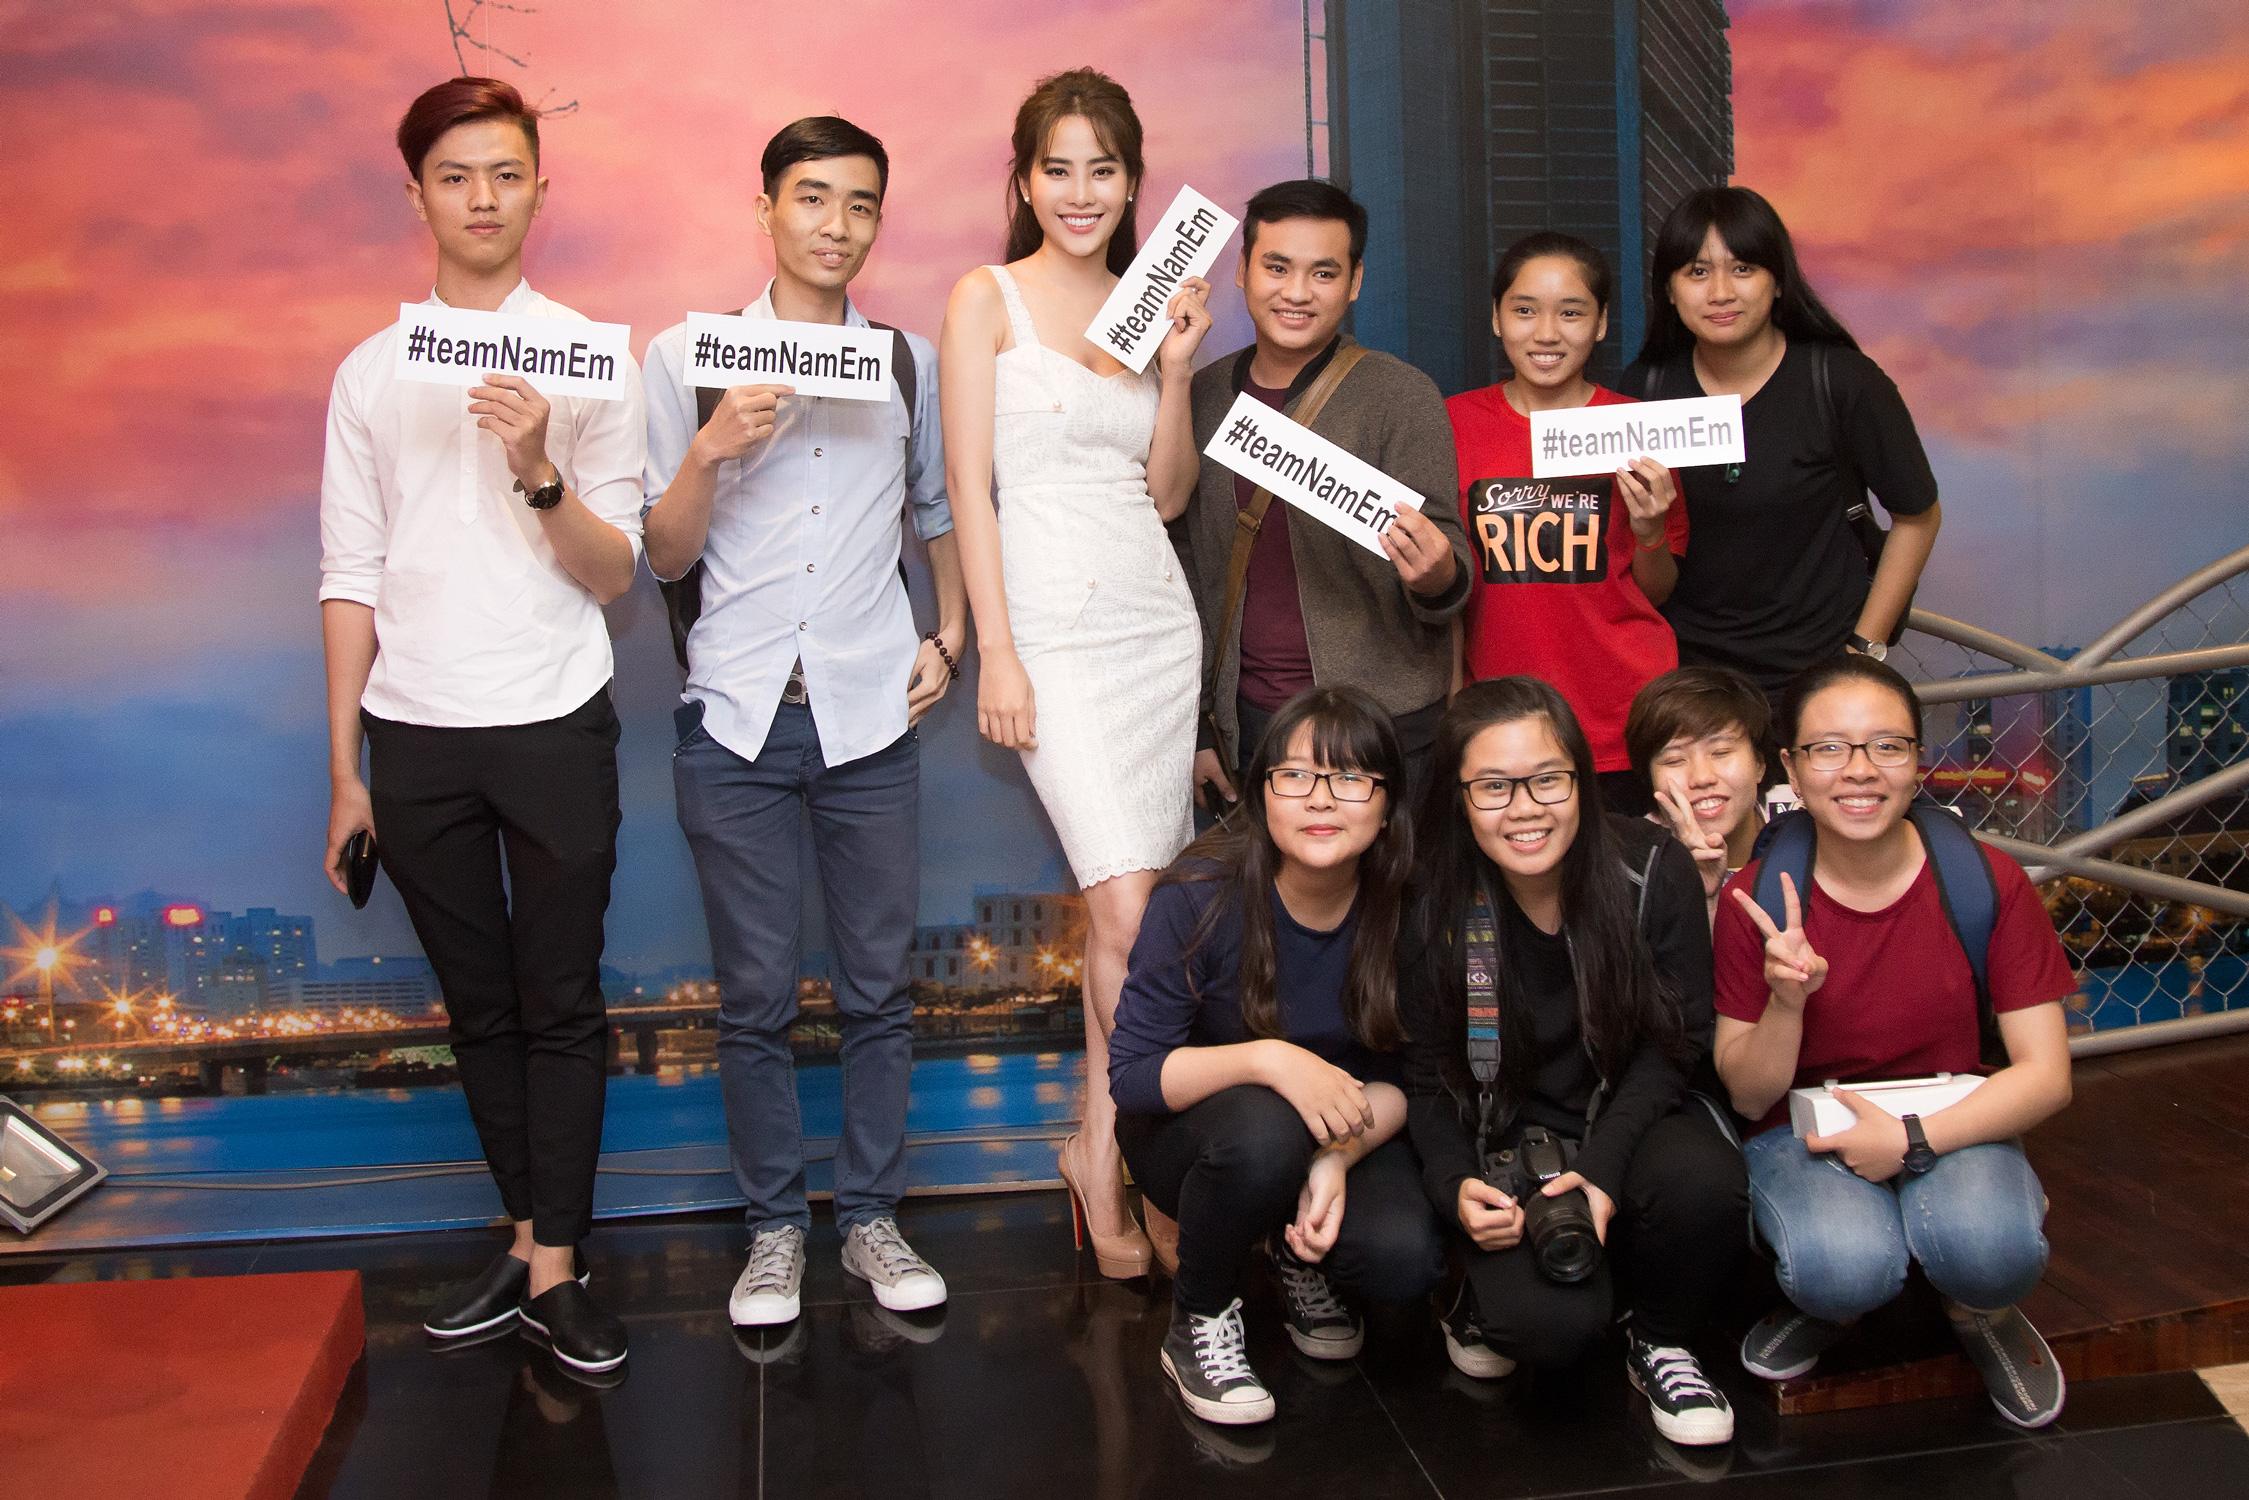 Nam Em họp fanclub tại rạp chiếu phim, tích cực quảng bá cho